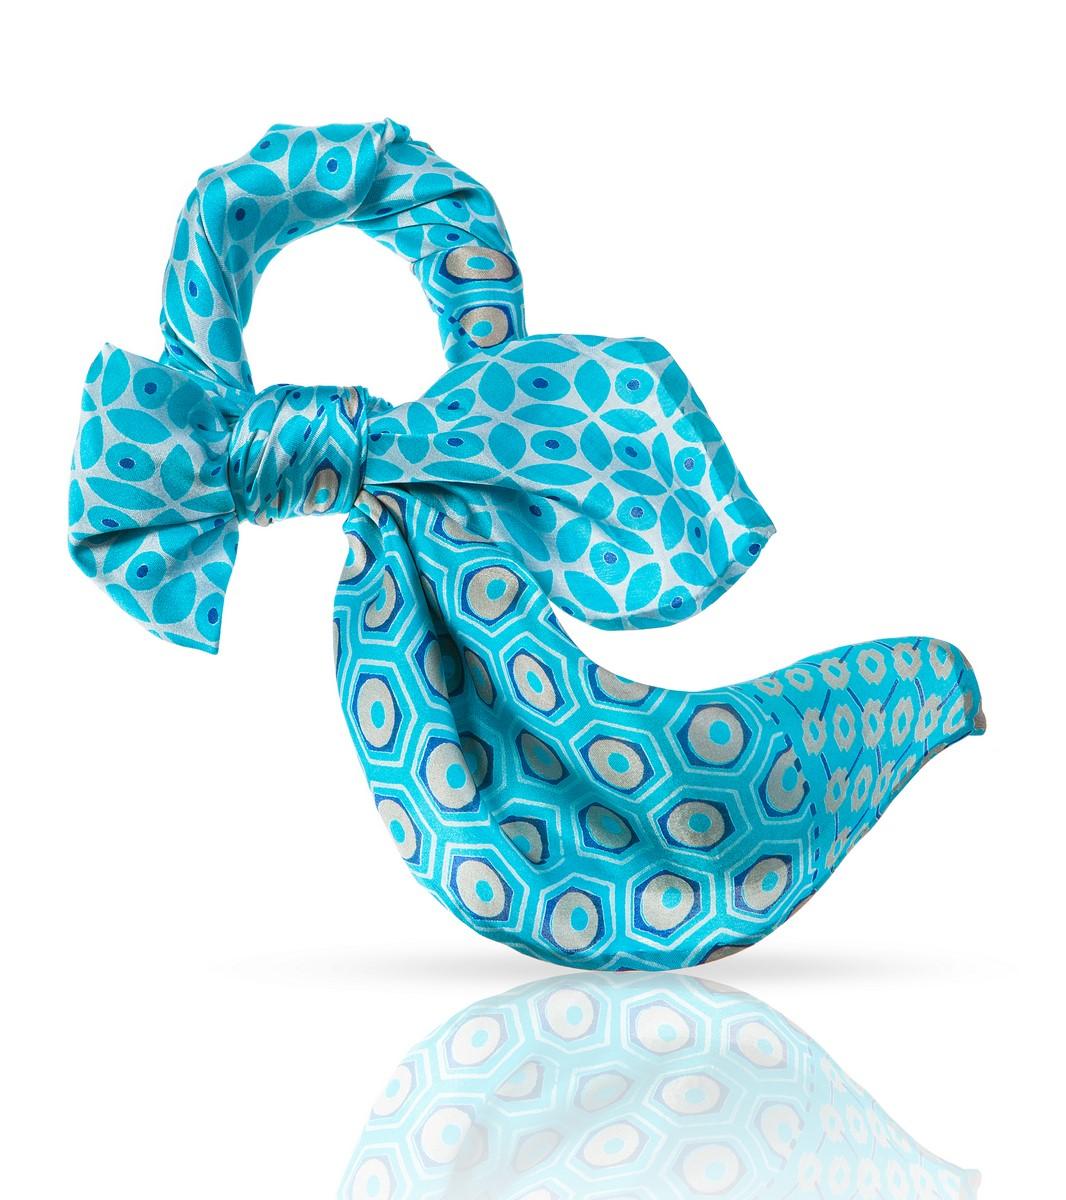 ПлатокSS.KV-SMALL.FLORE.GREYНенавязчивый элегантный узор этого шейного платочка из 100% натурального шелка и удачное цветовое решение делают его идеальным дополнением к наряду в романтическом стиле. Он сыграет важную роль и в деловом костюме, ненавязчиво подчеркнув ваш изысканный вкус и внимание к деталям. Этот высококачественный аксессуар, при всей своей невесомости, скажет о своей носительнице многое: это женщина особенная, она умеет выбирать лучшее и уверенно несет свою уникальность.